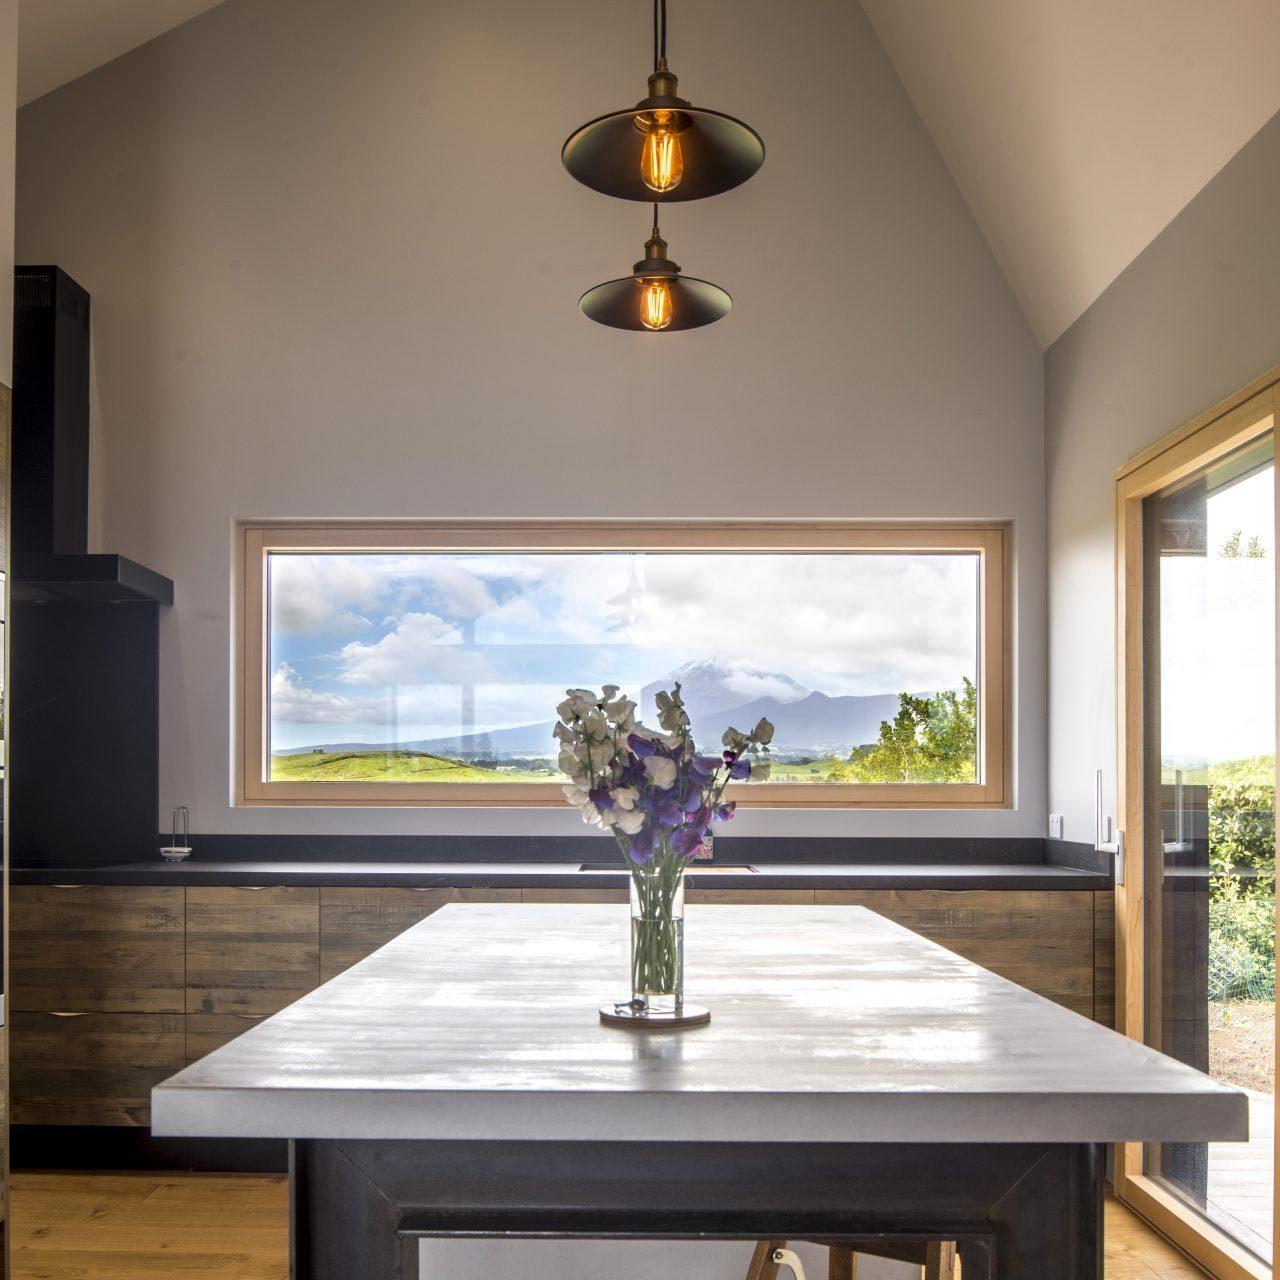 Terra Vista kitchen